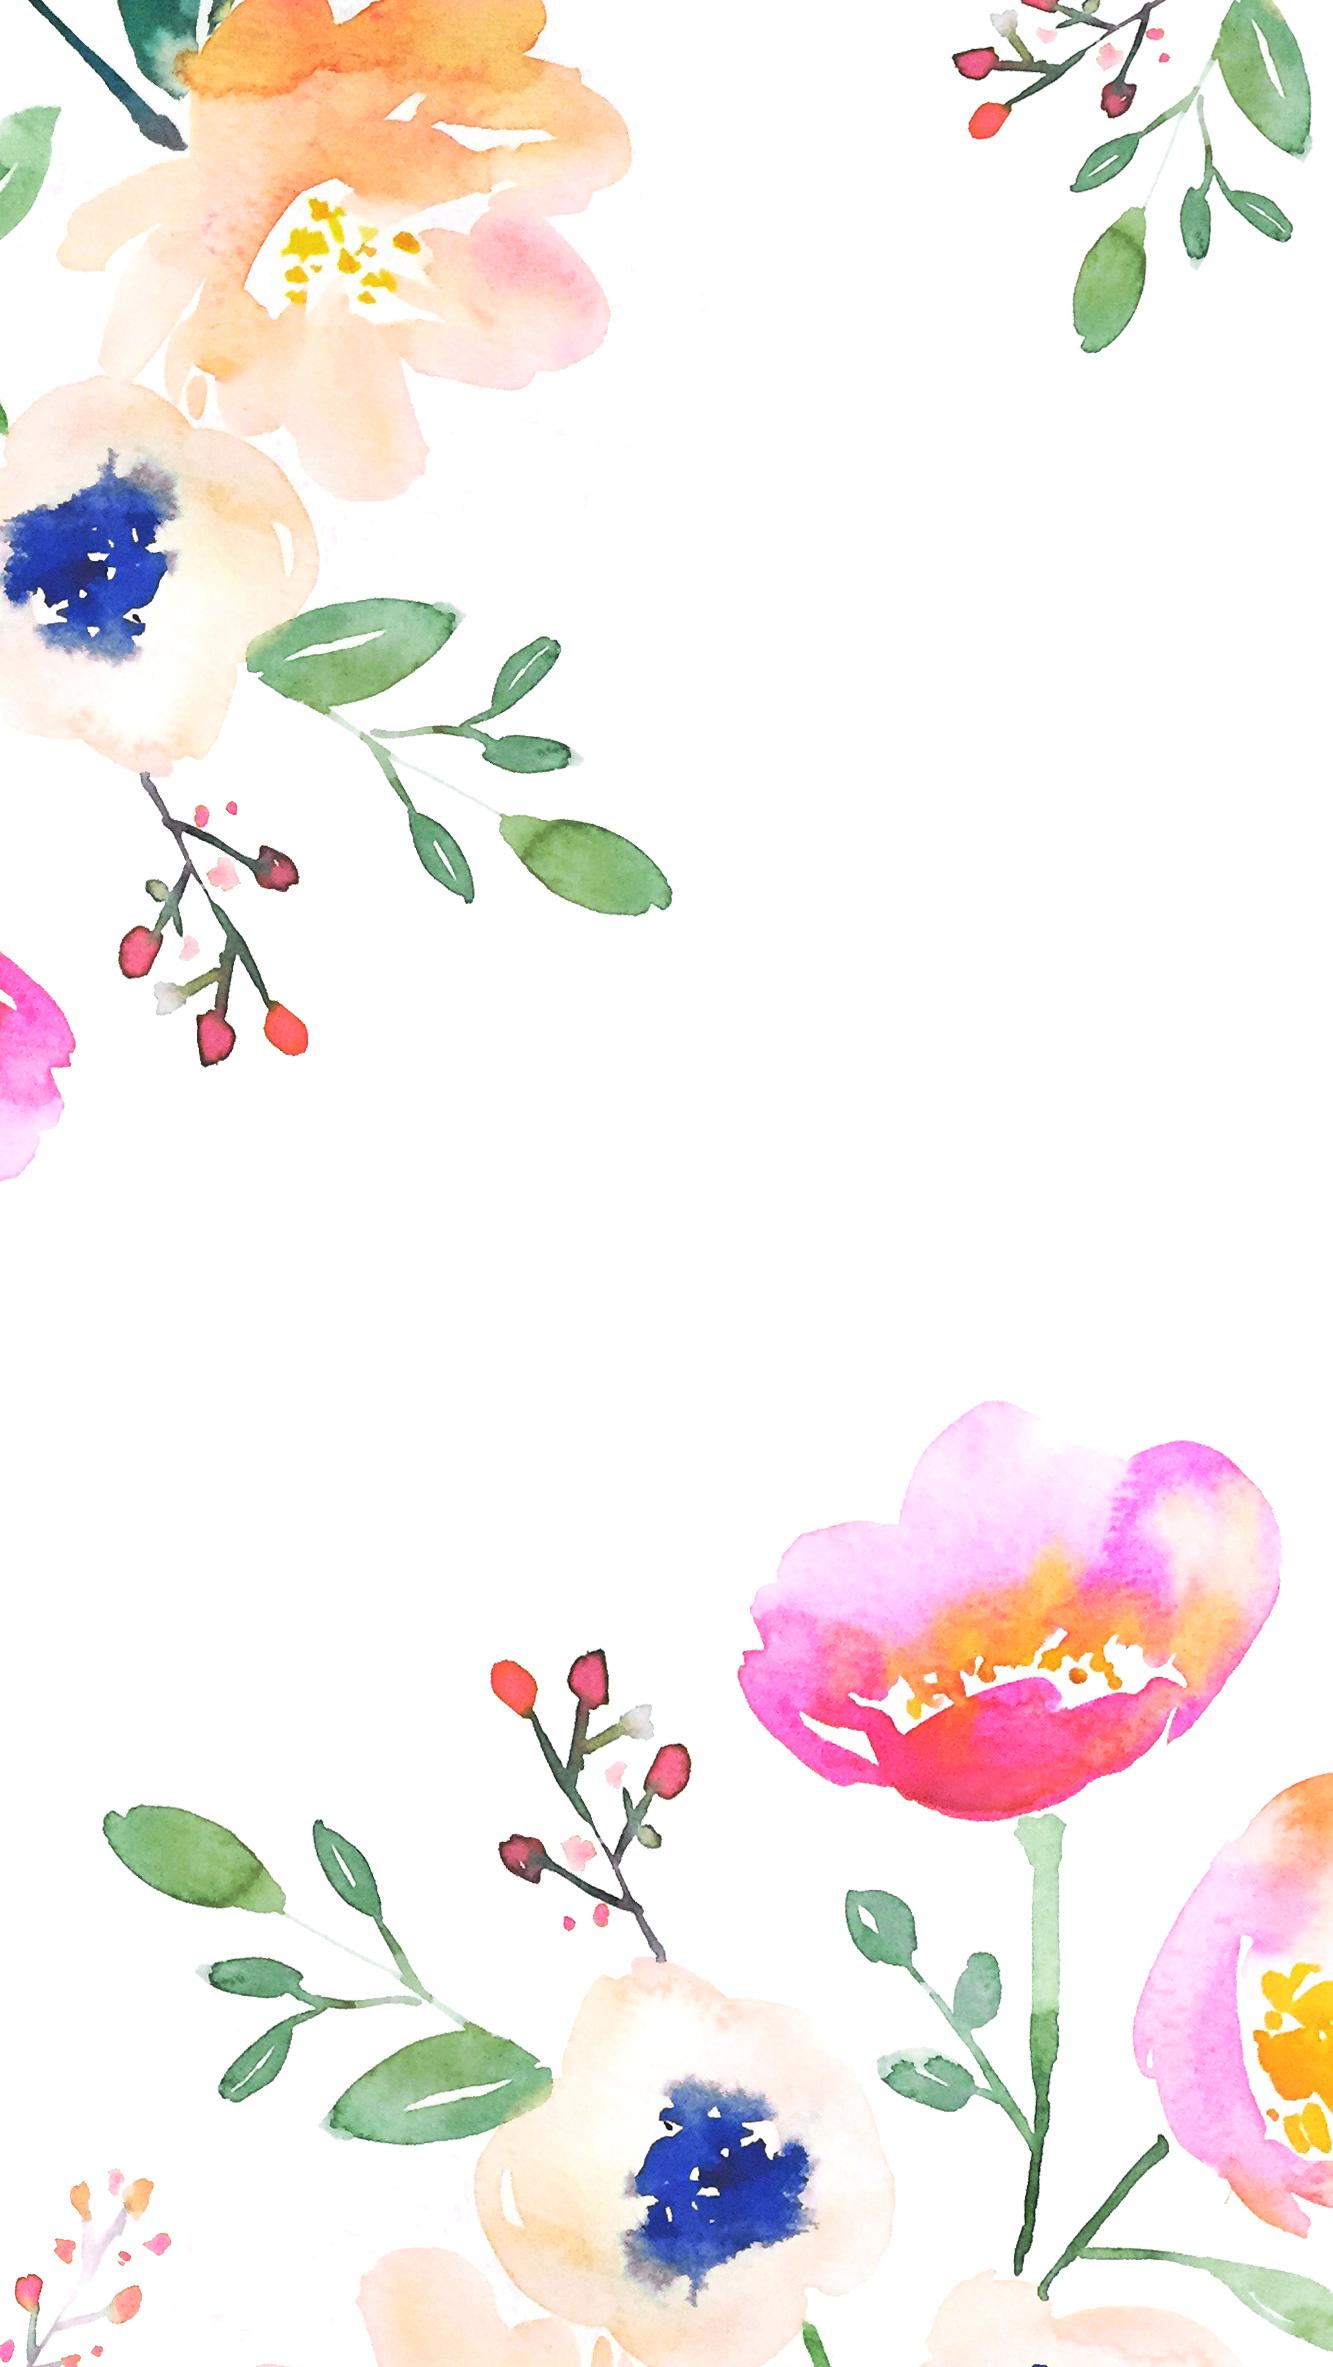 Watercolor Wallpaper Iphone At Getdrawings Com Free For Personal